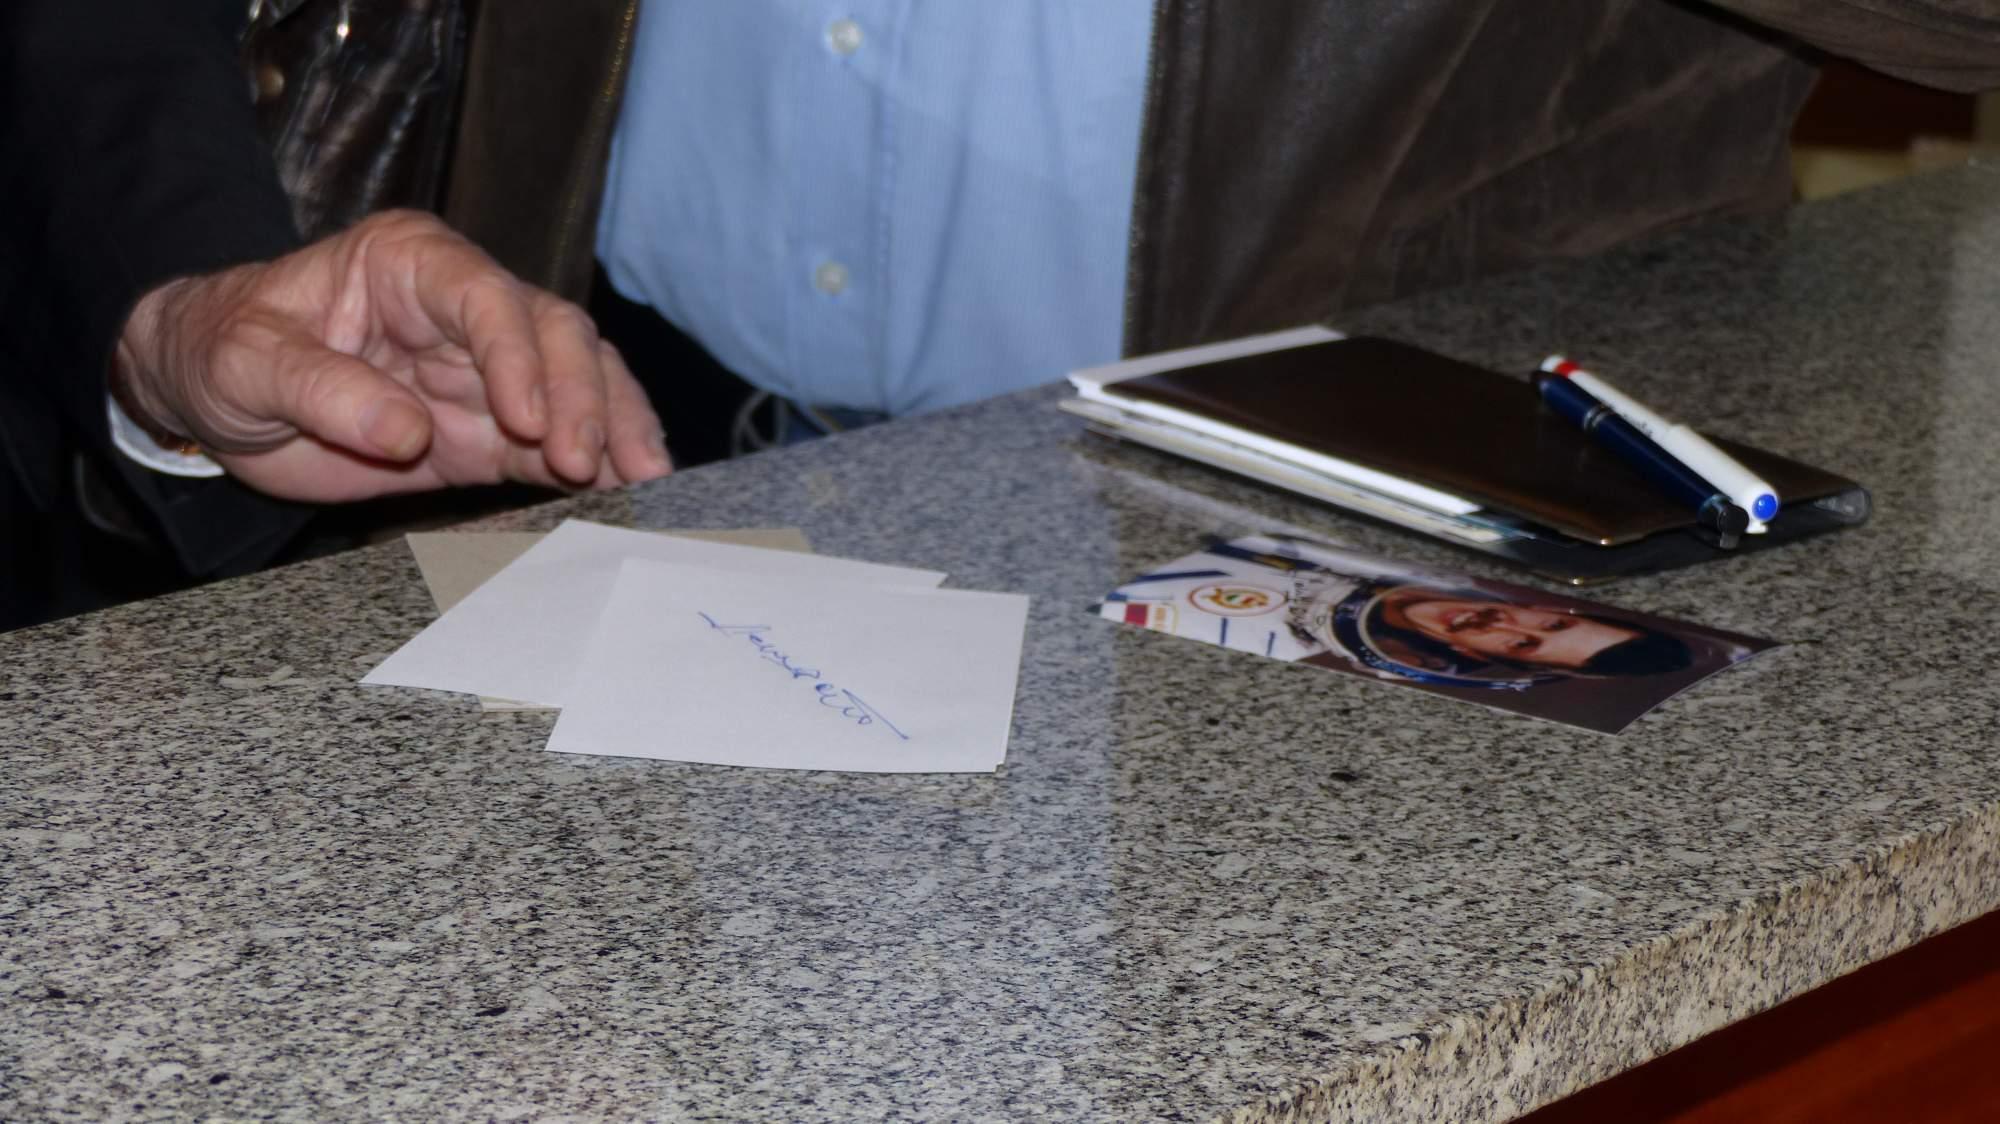 Už před zahájením někteří z přítomných kosmonautů podepisovali své fotky návštěvníkům, Foto: Dominika Glaserová